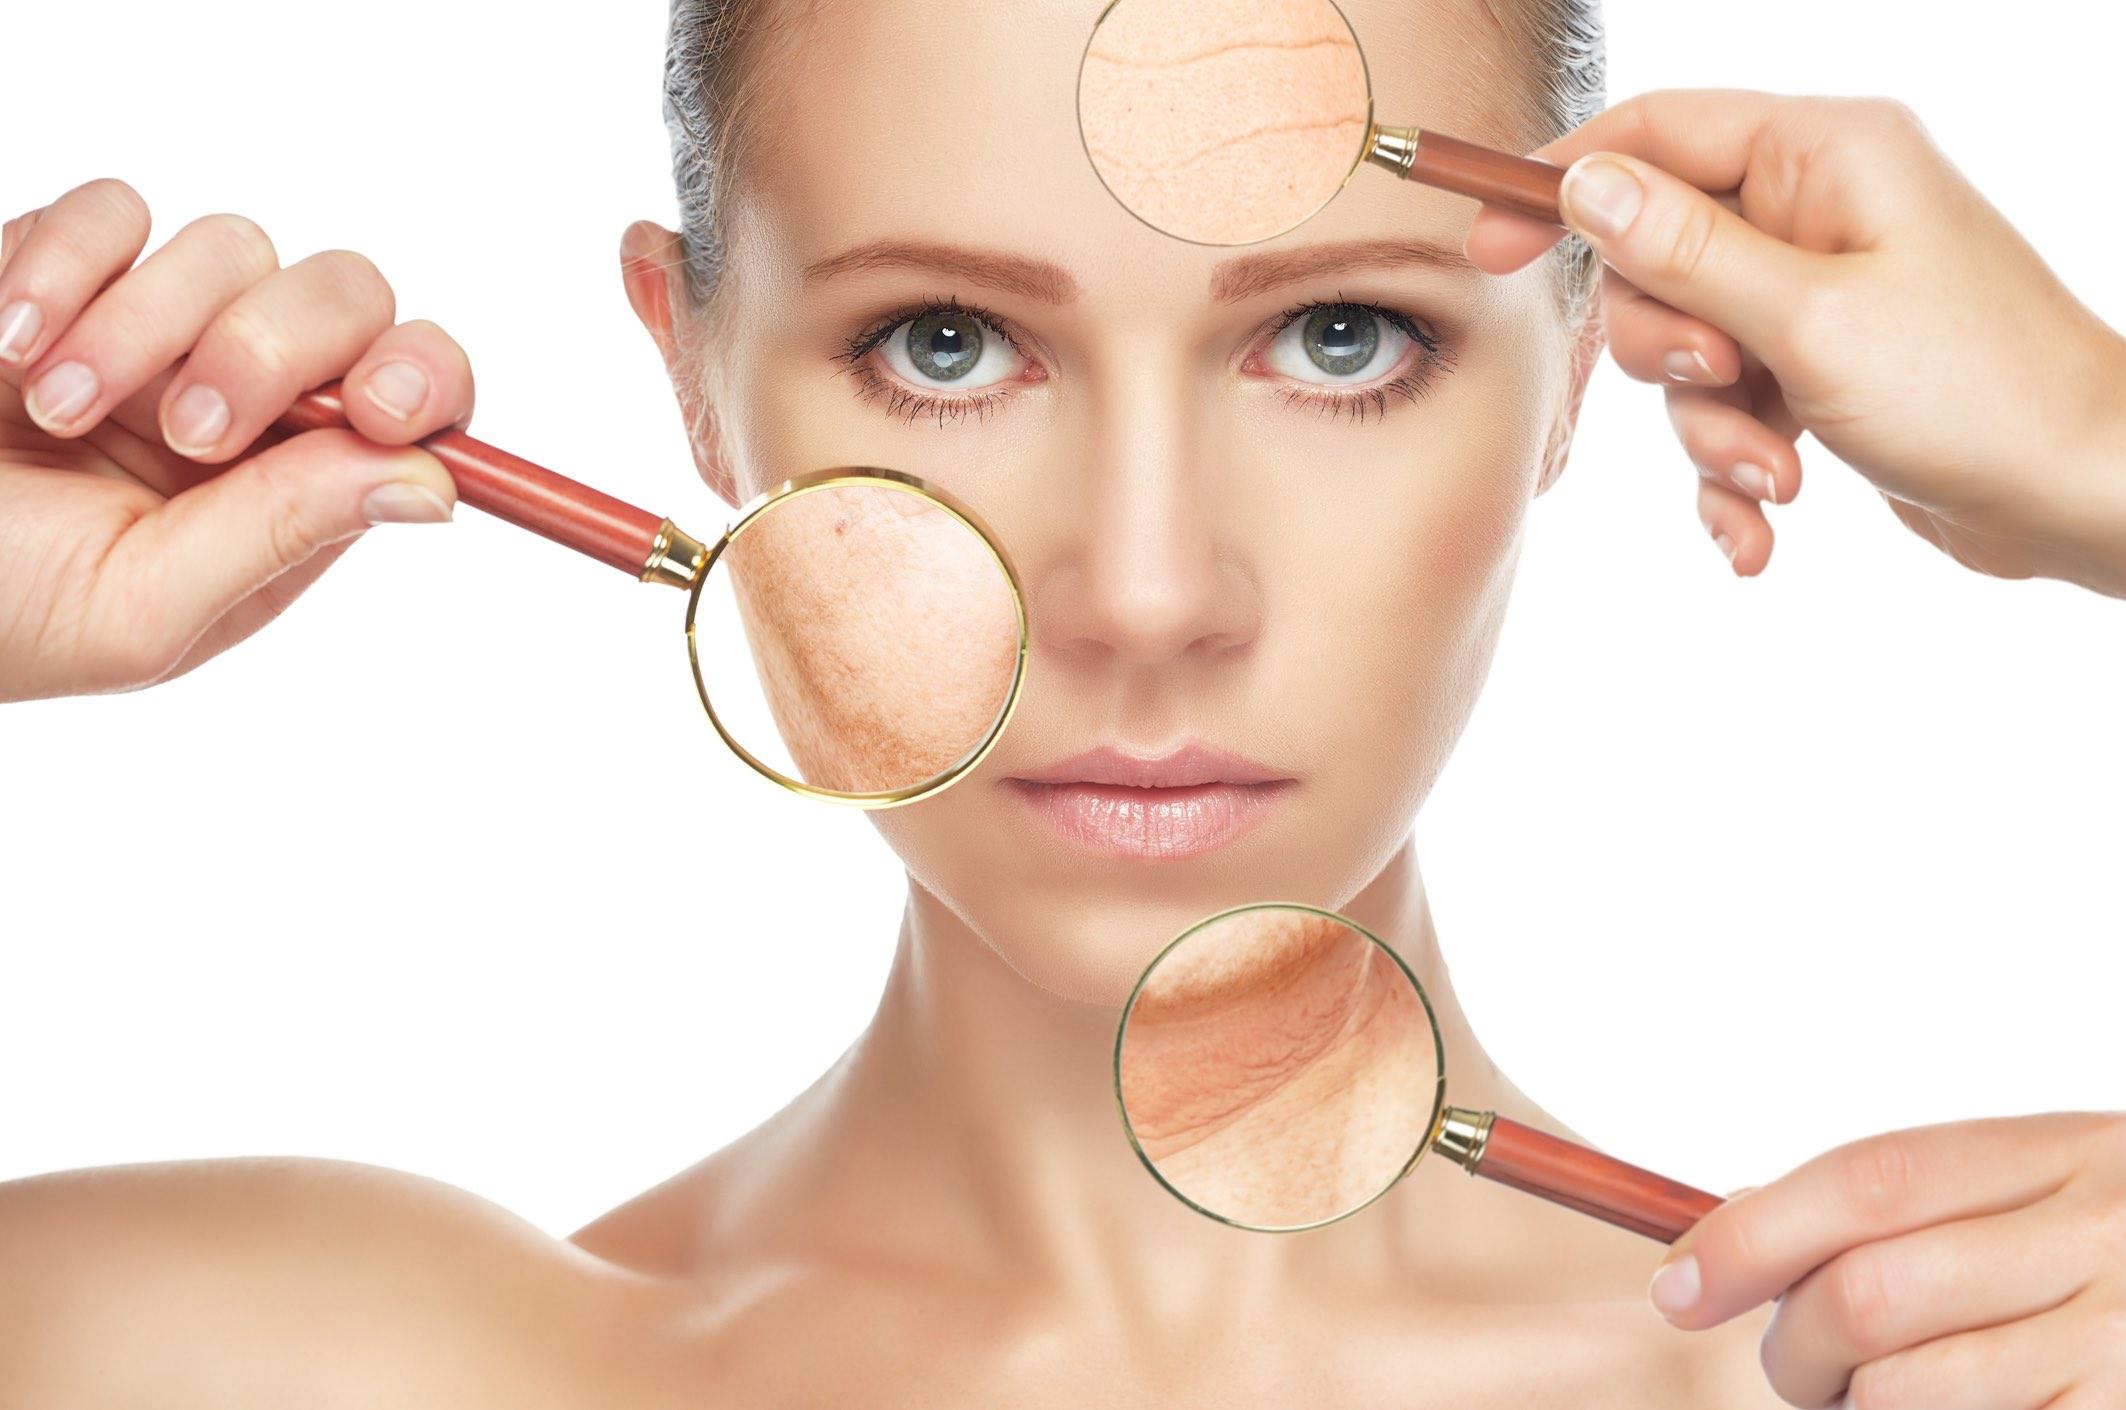 Laser skin rejuvenation with medlite - For Wrinkles & Acne Scars